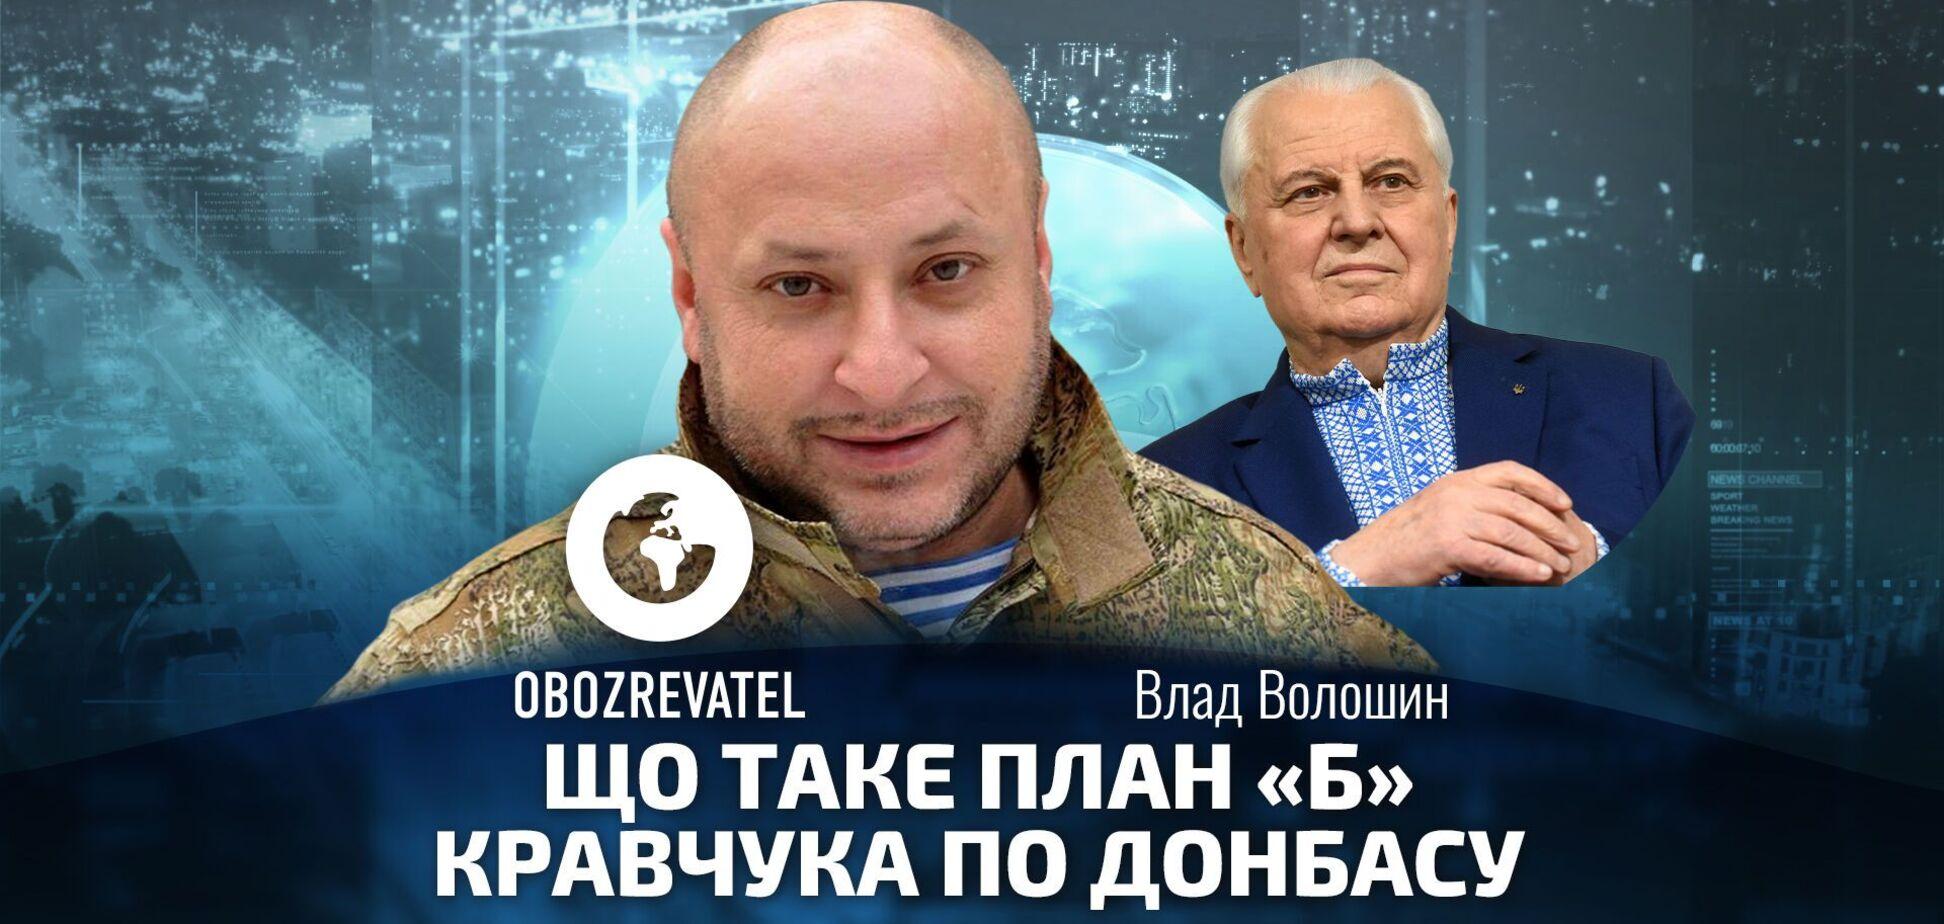 Волошин: что такое план 'Б' Кравчука по Донбассу